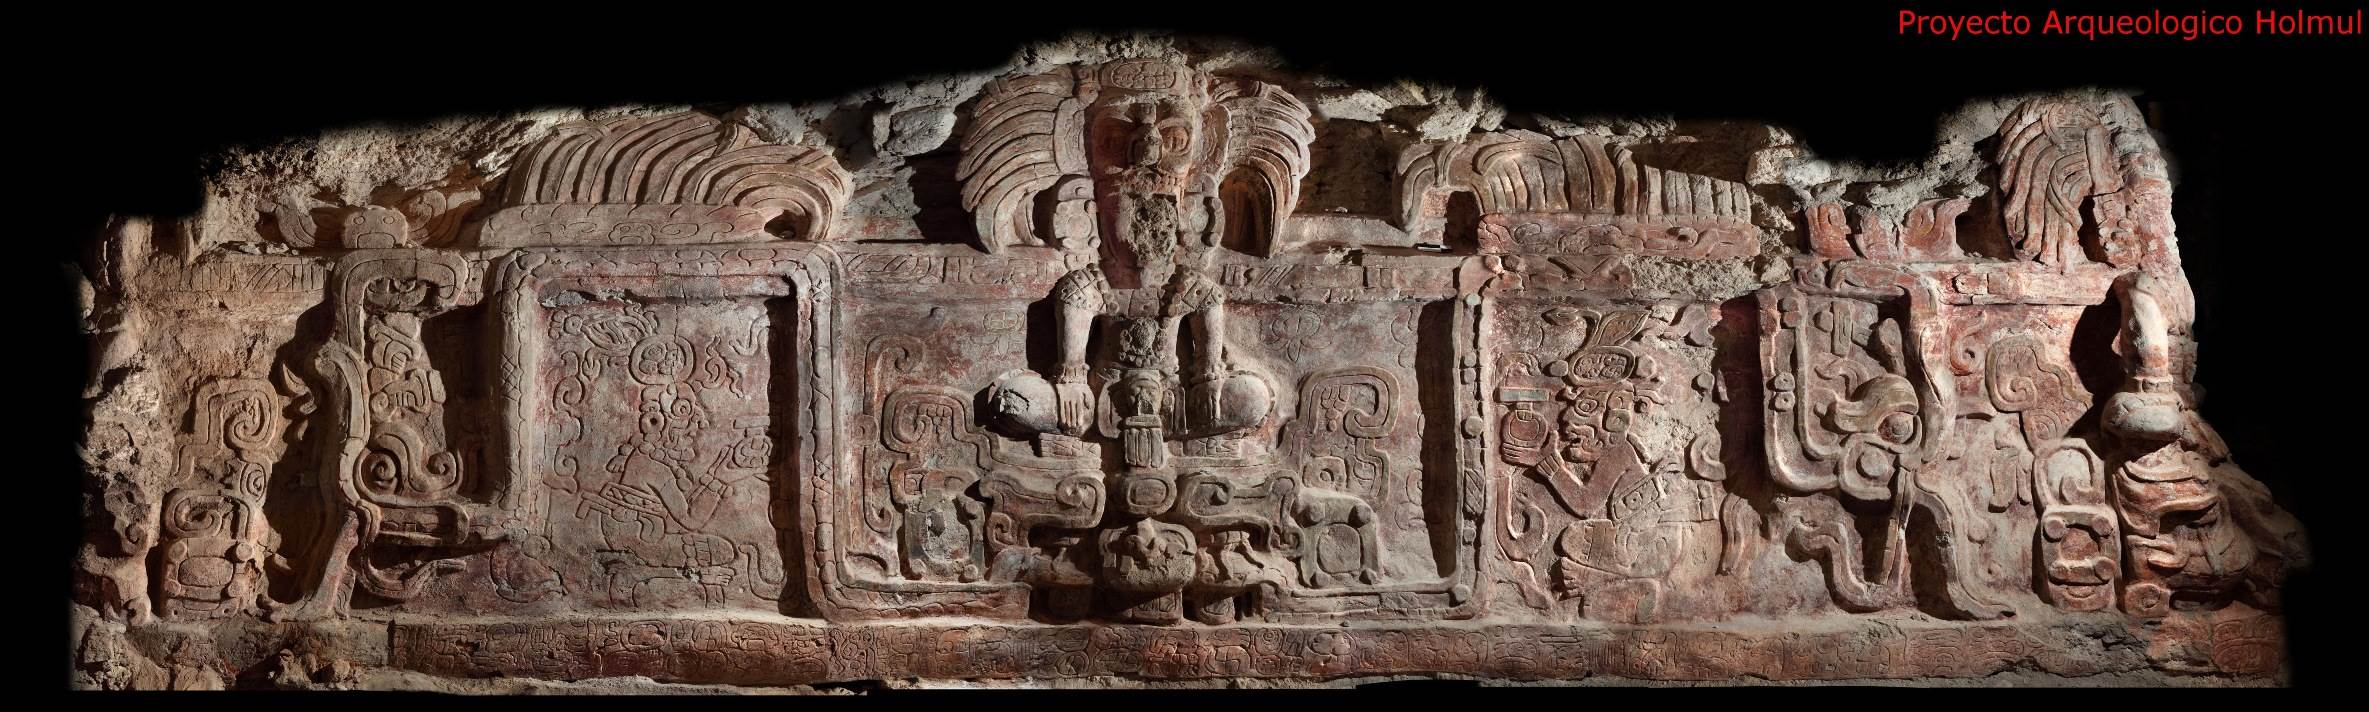 Drawn pyramid maya temple At carvings Inside Image: pyramid